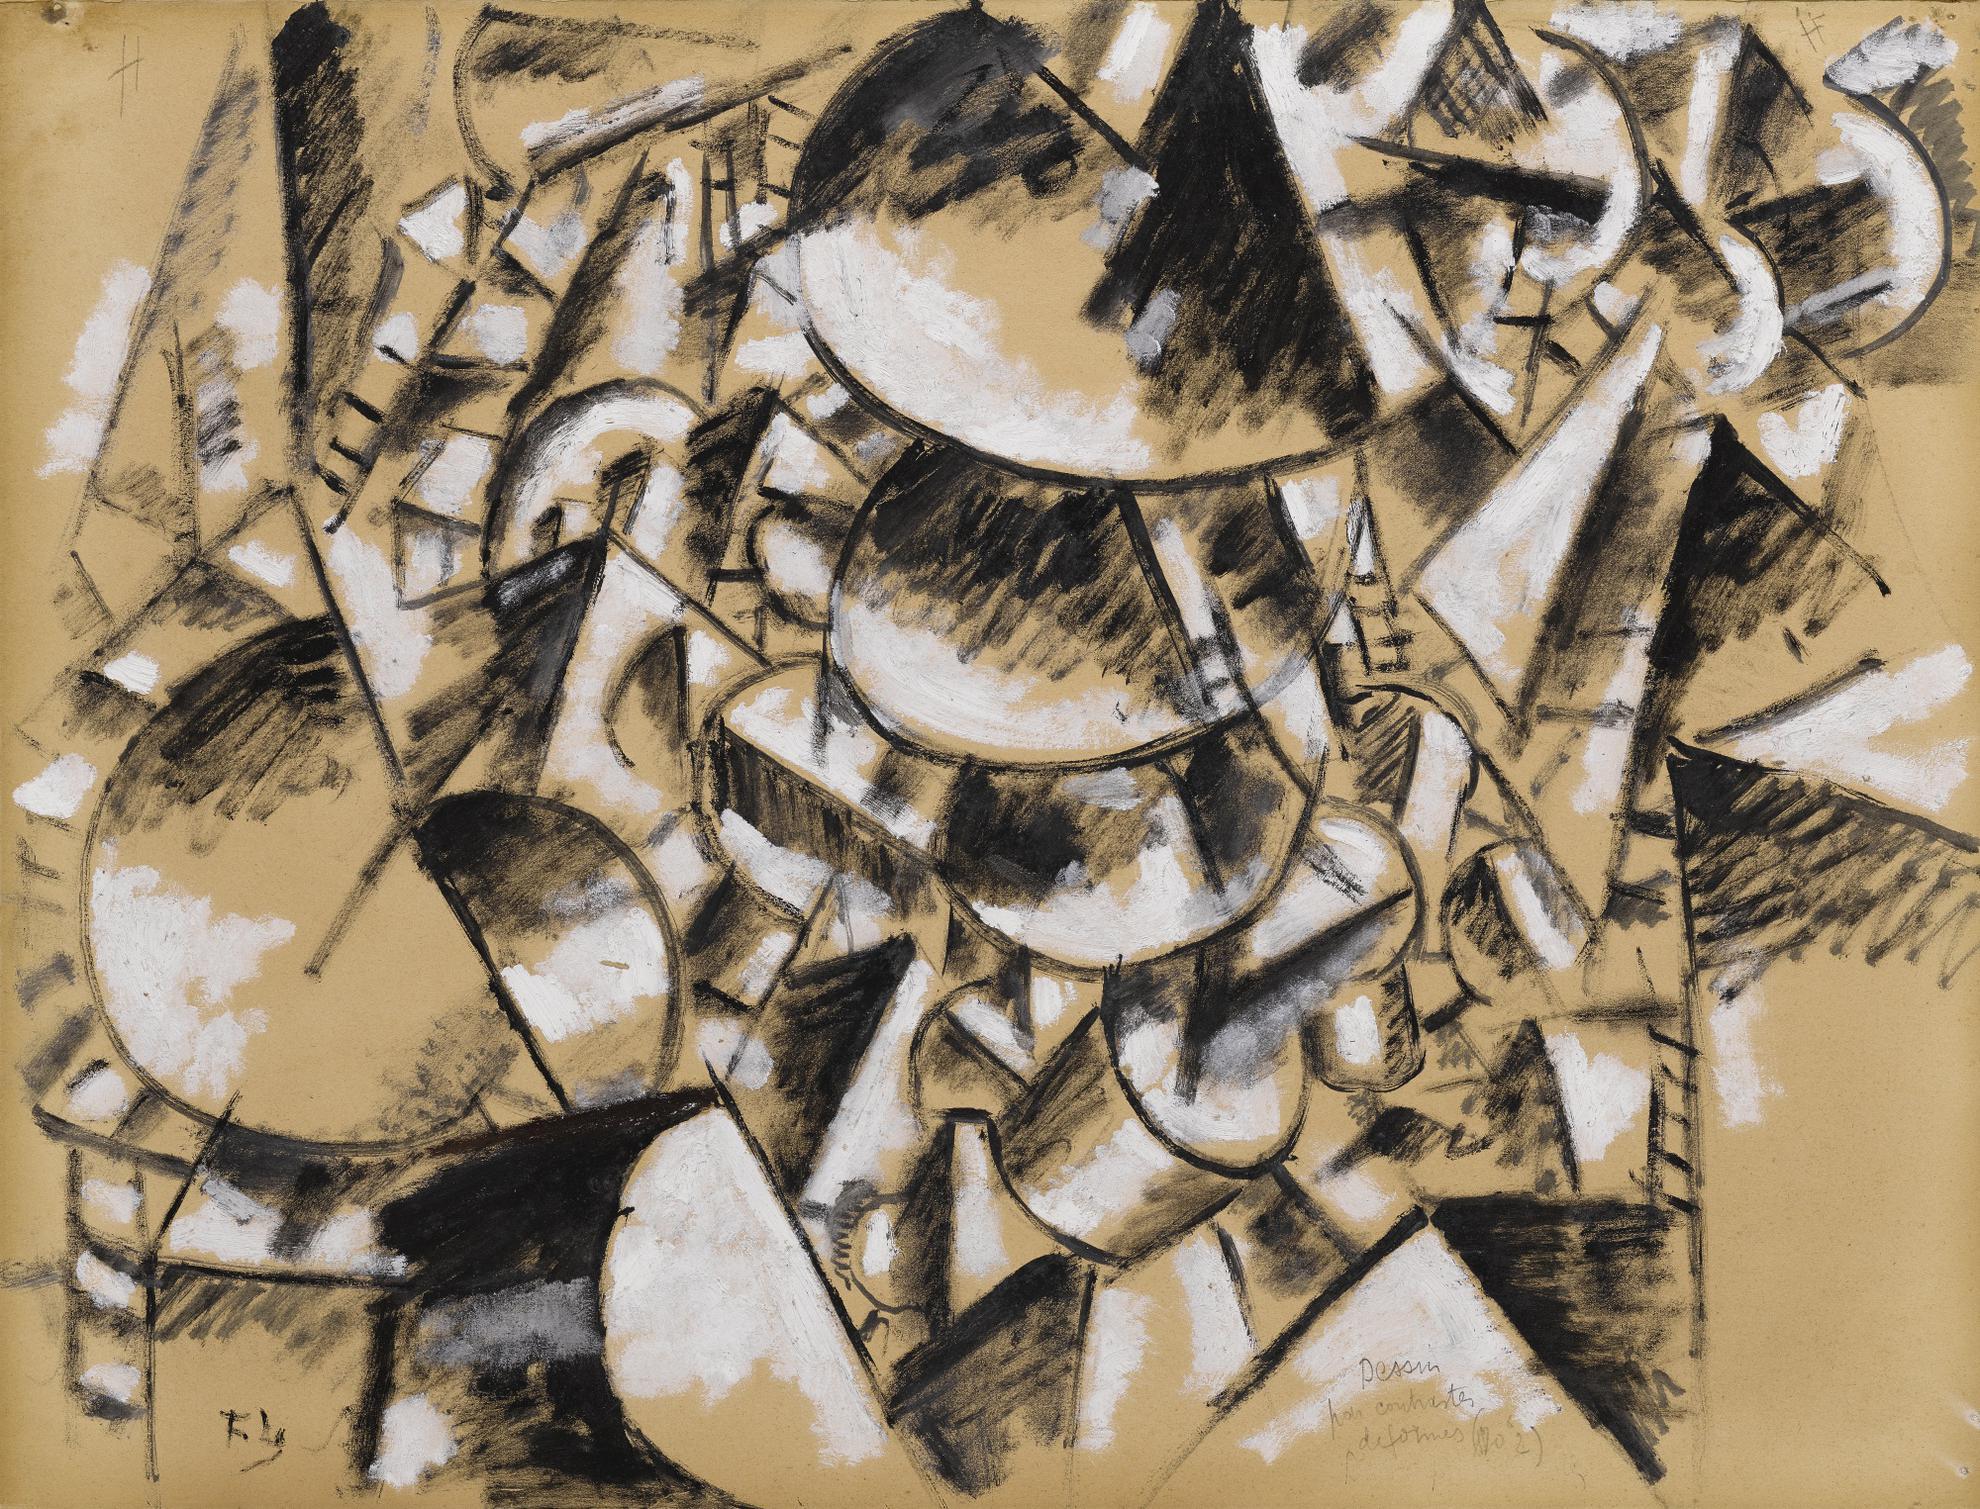 Fernand Leger-Dessin Pour Contrastes De Formes No. 2-1914